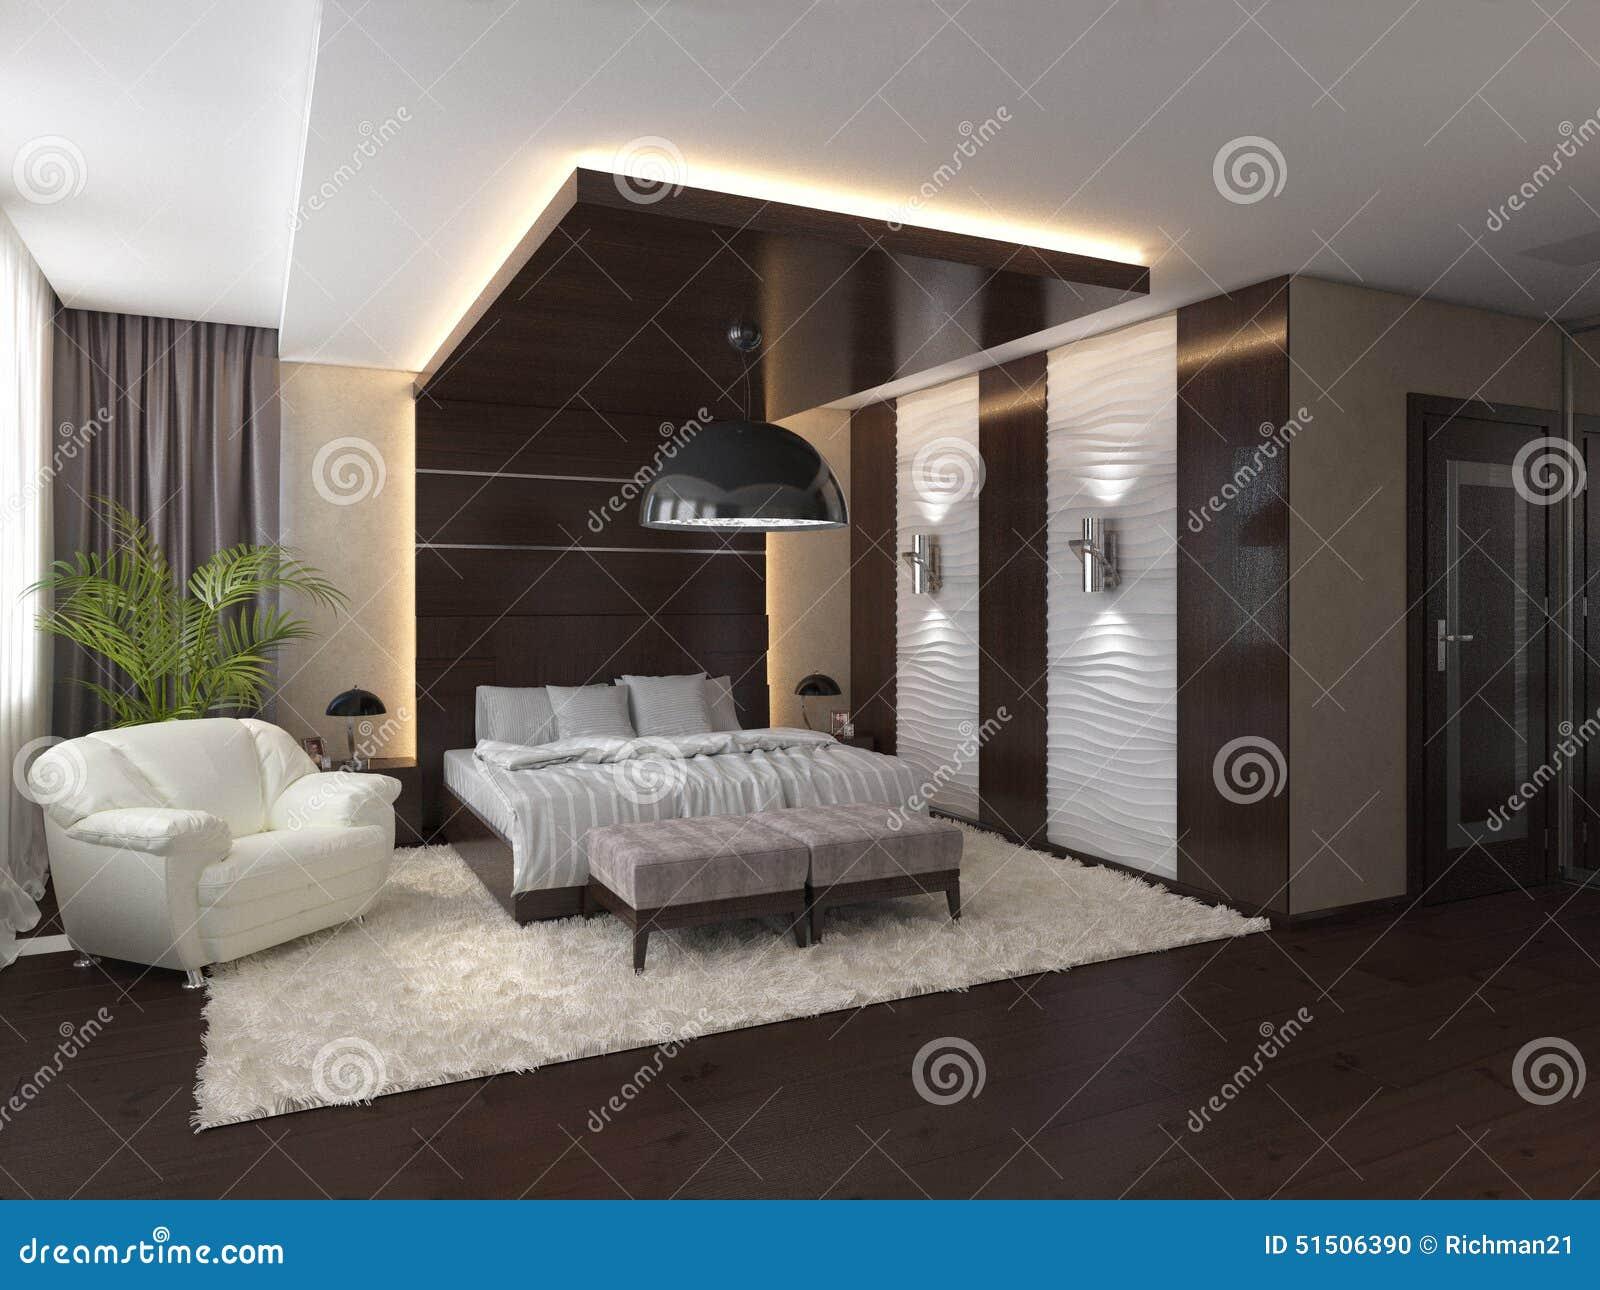 Sypialnia W Intymnym Domu W Brązu I Beżu Kolorach Ilustracji